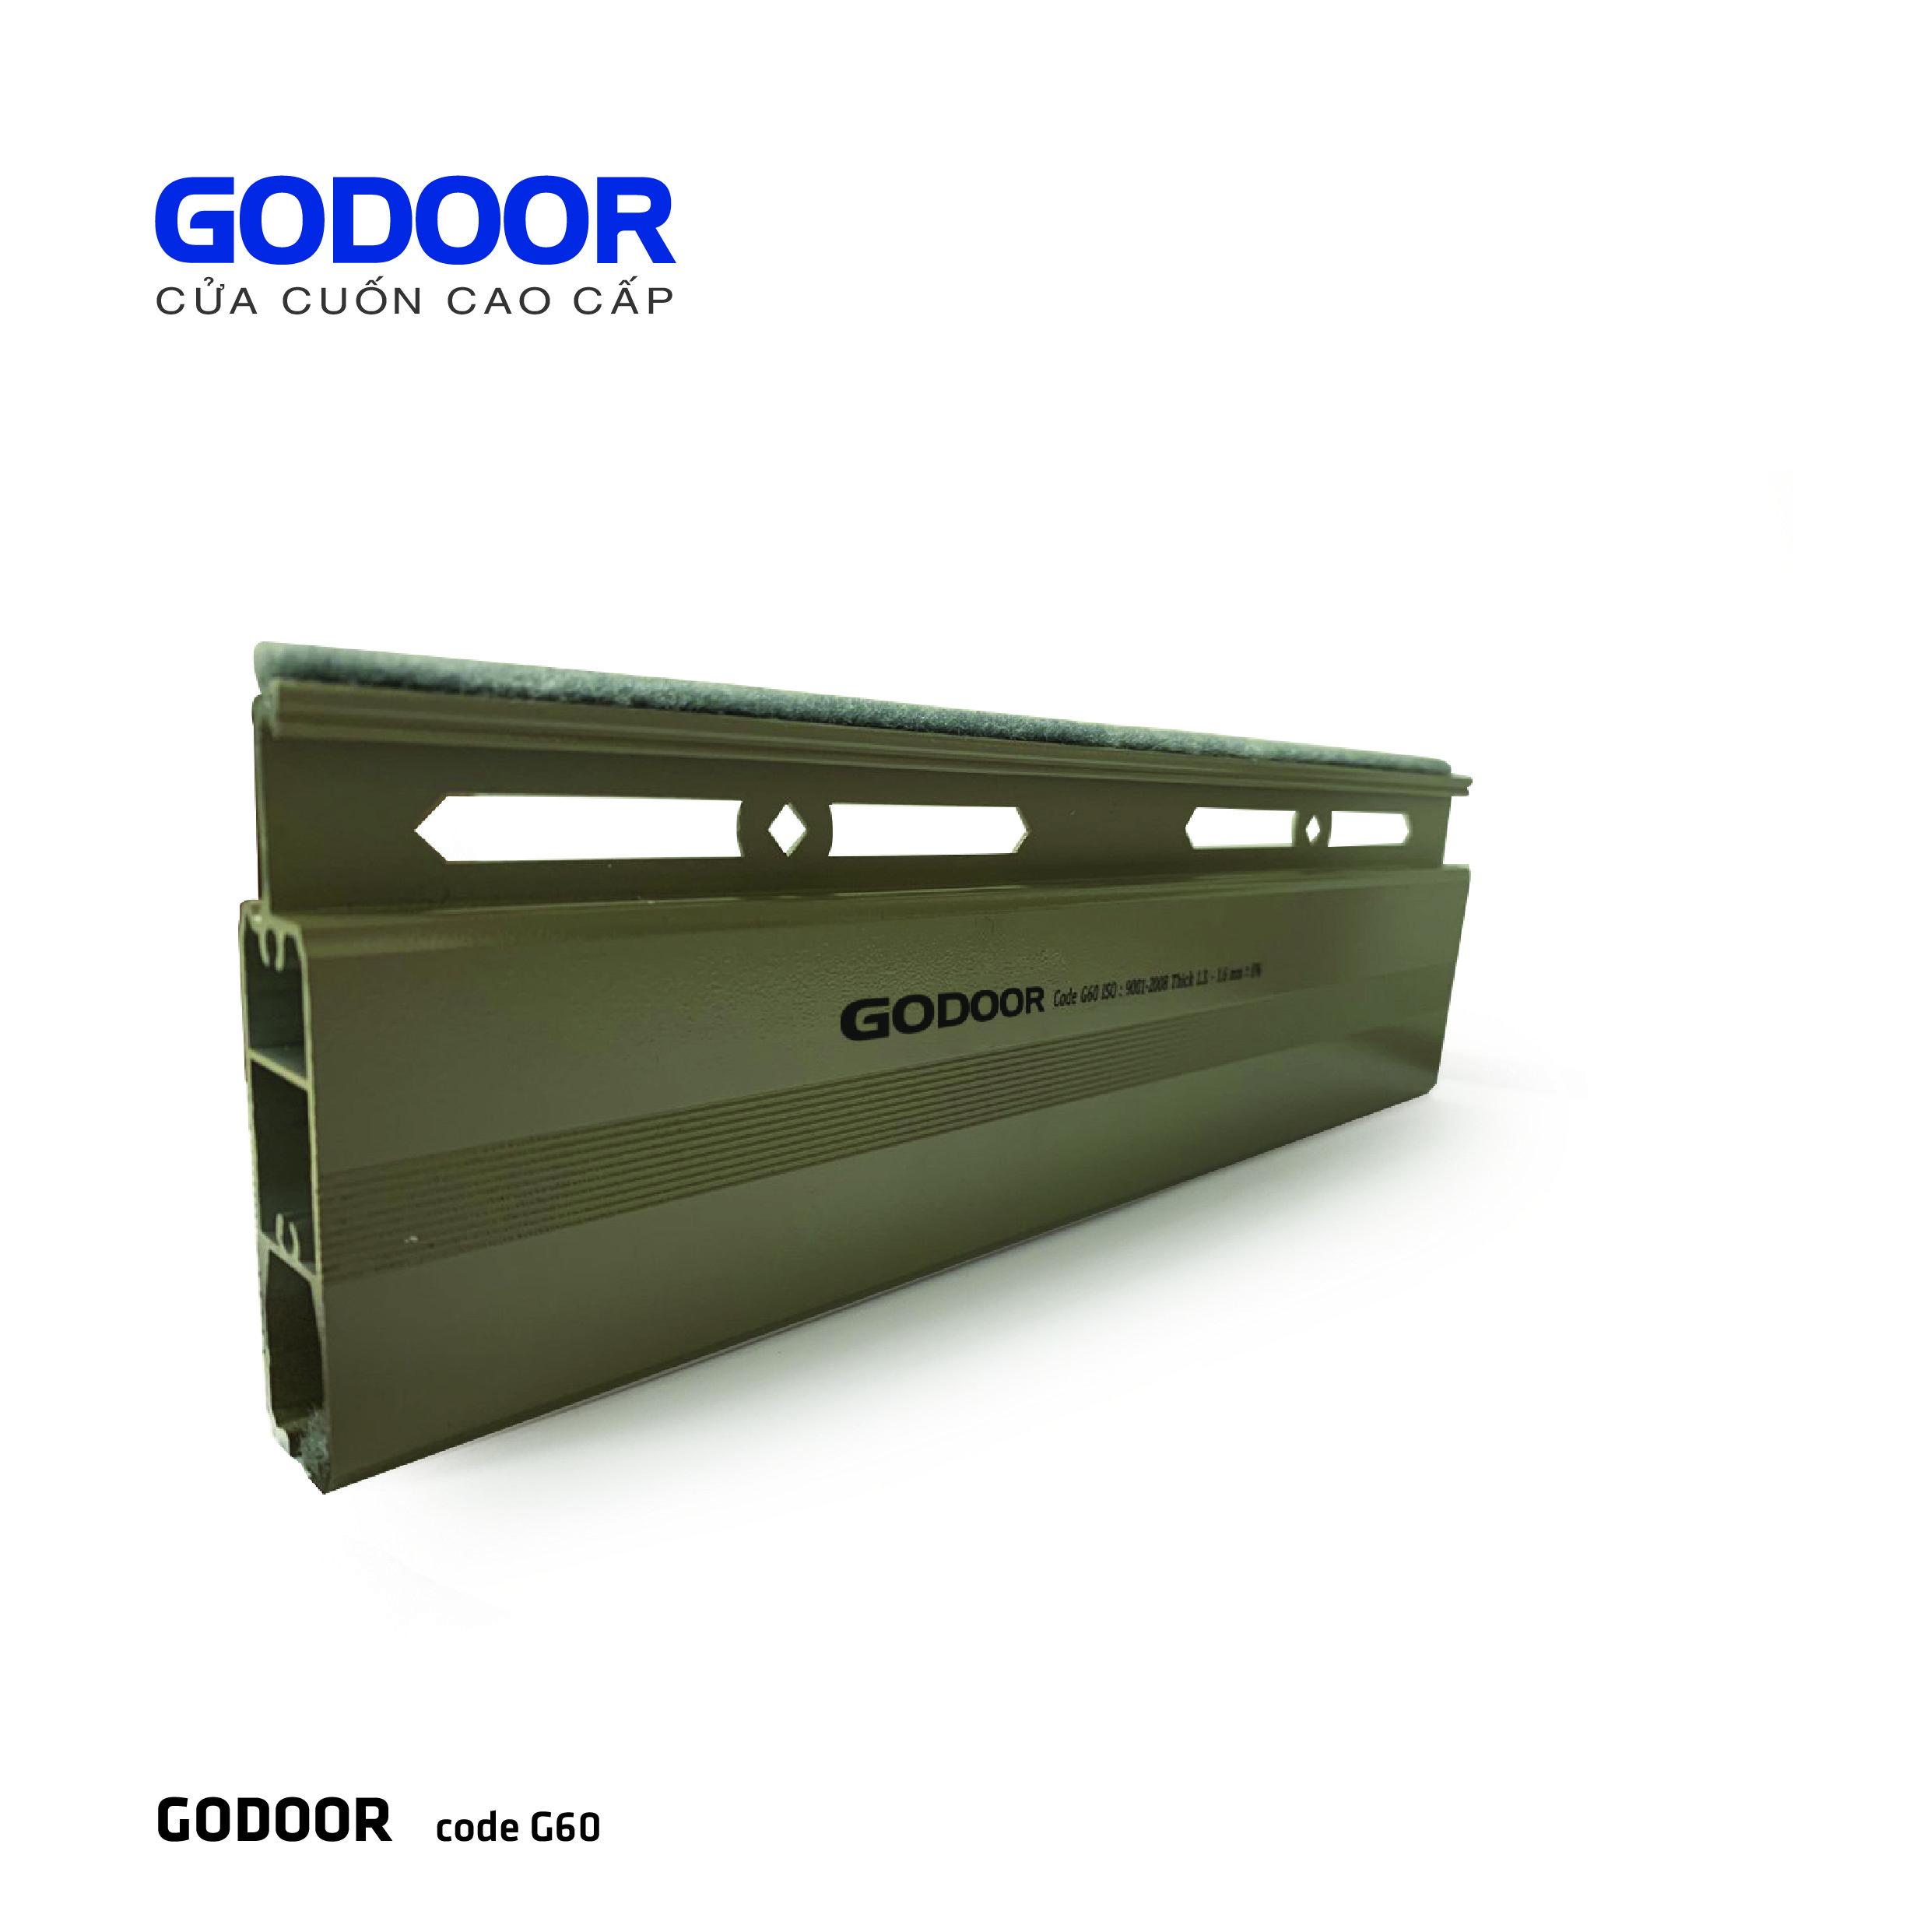 Cửa cuốn Godoor G60